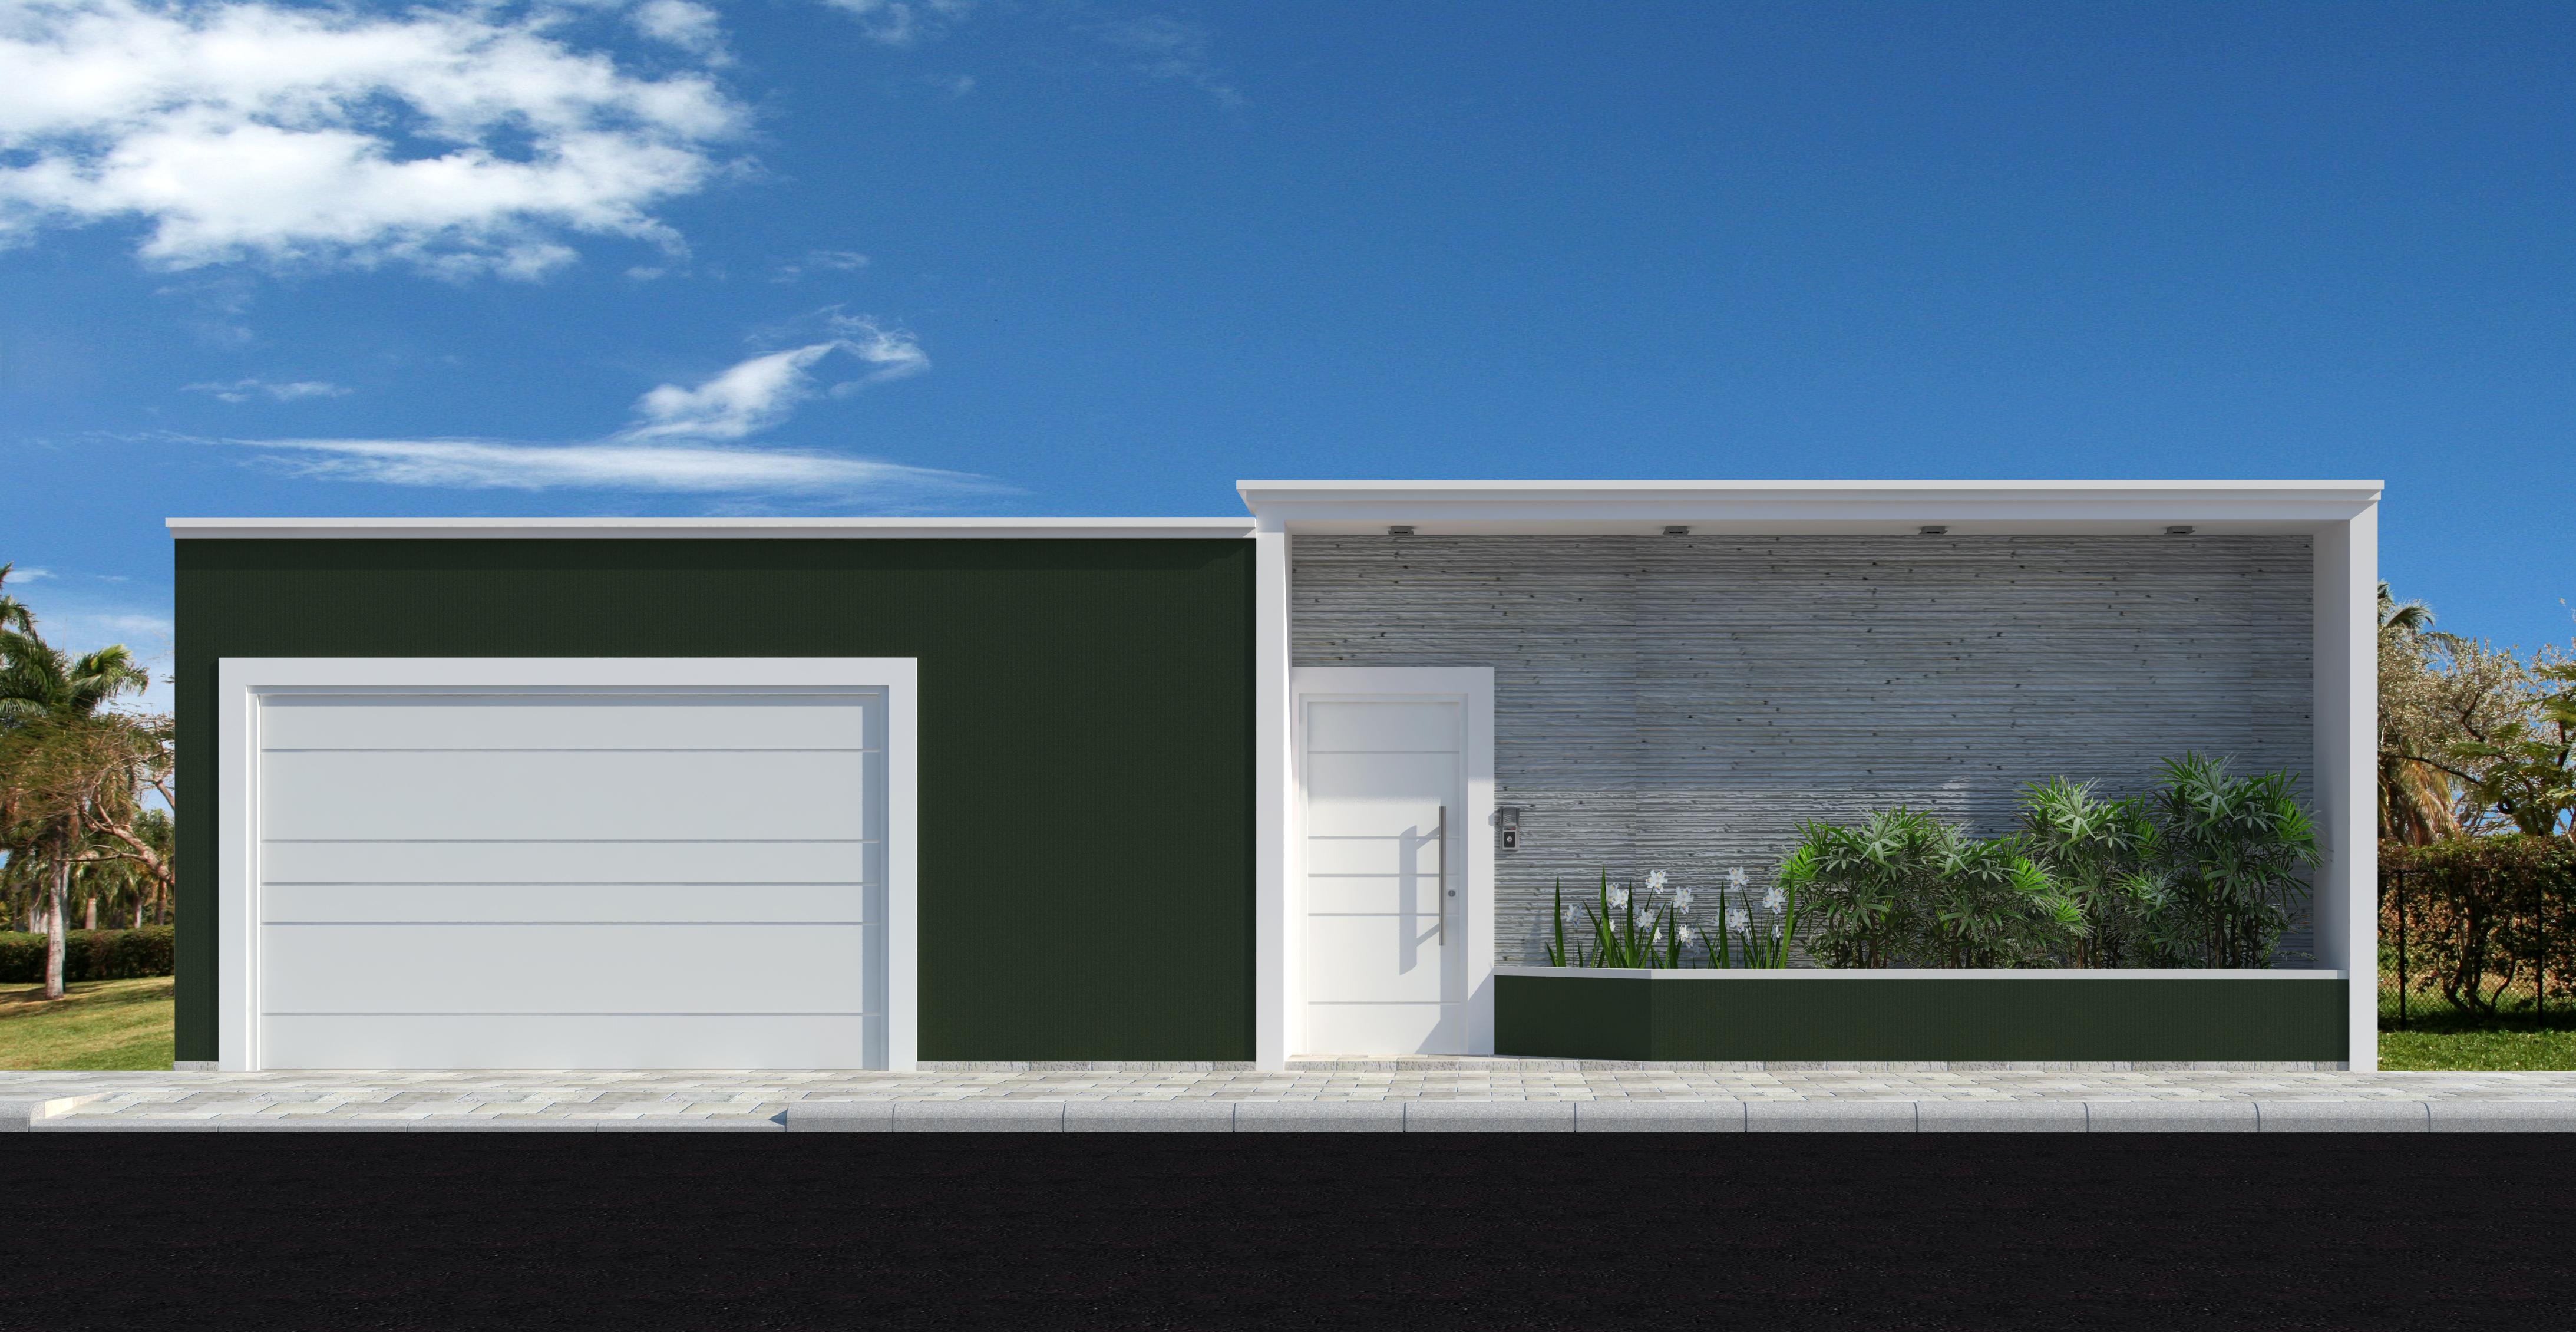 Modelos de casas pequenas 27 modelos e fachadas auto for Casas pequenas modernas